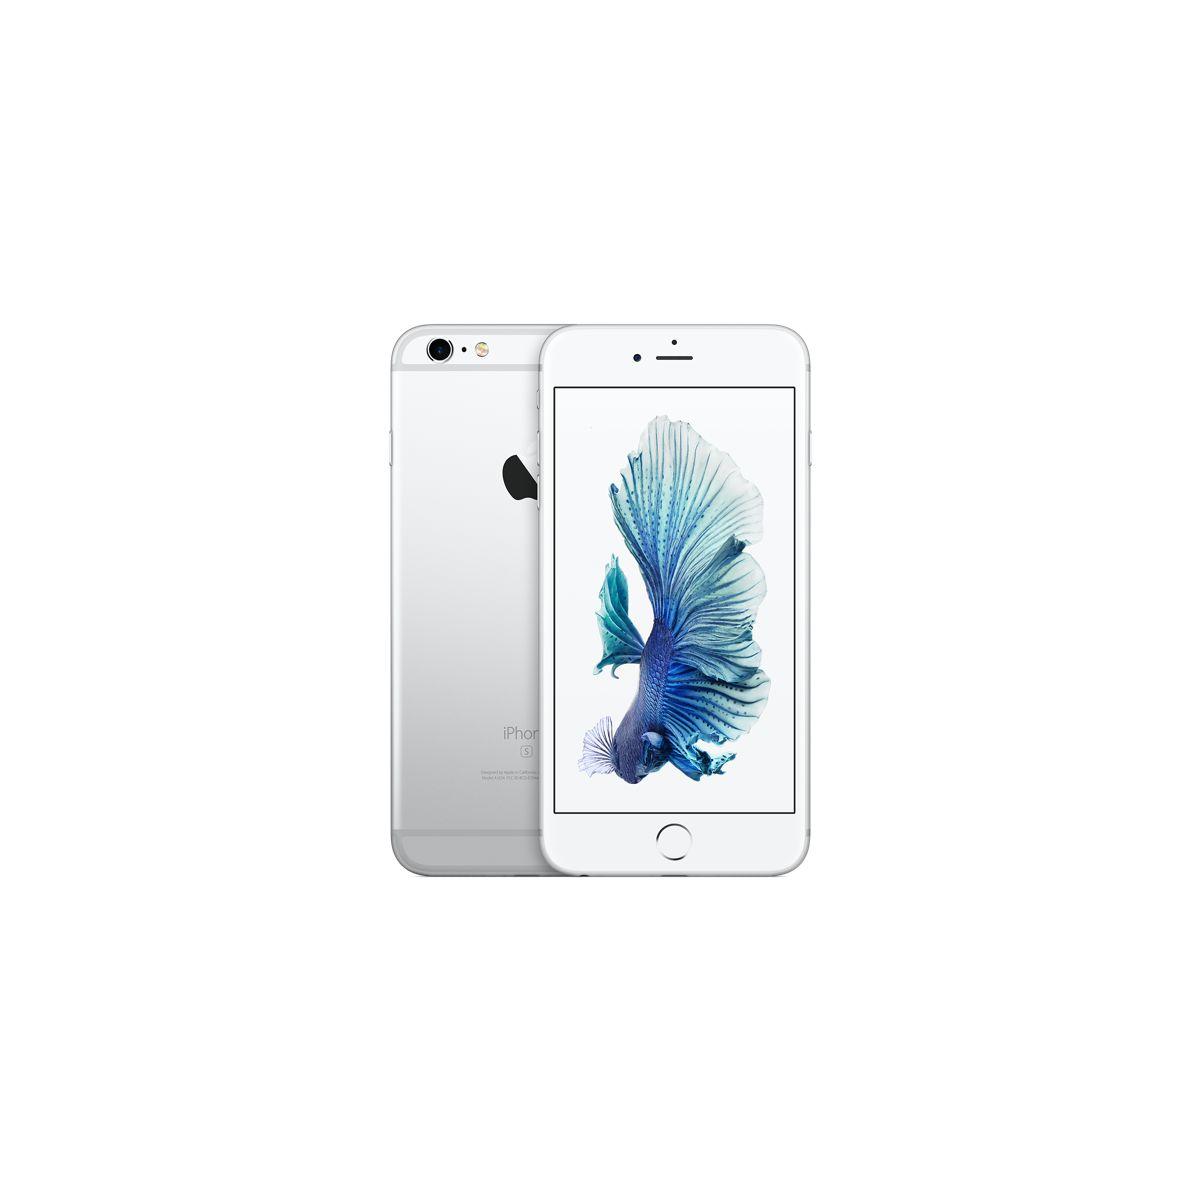 Apple iphone 6s plus 128go argent - 2% de remise immédiate avec le code : fete2 (photo)